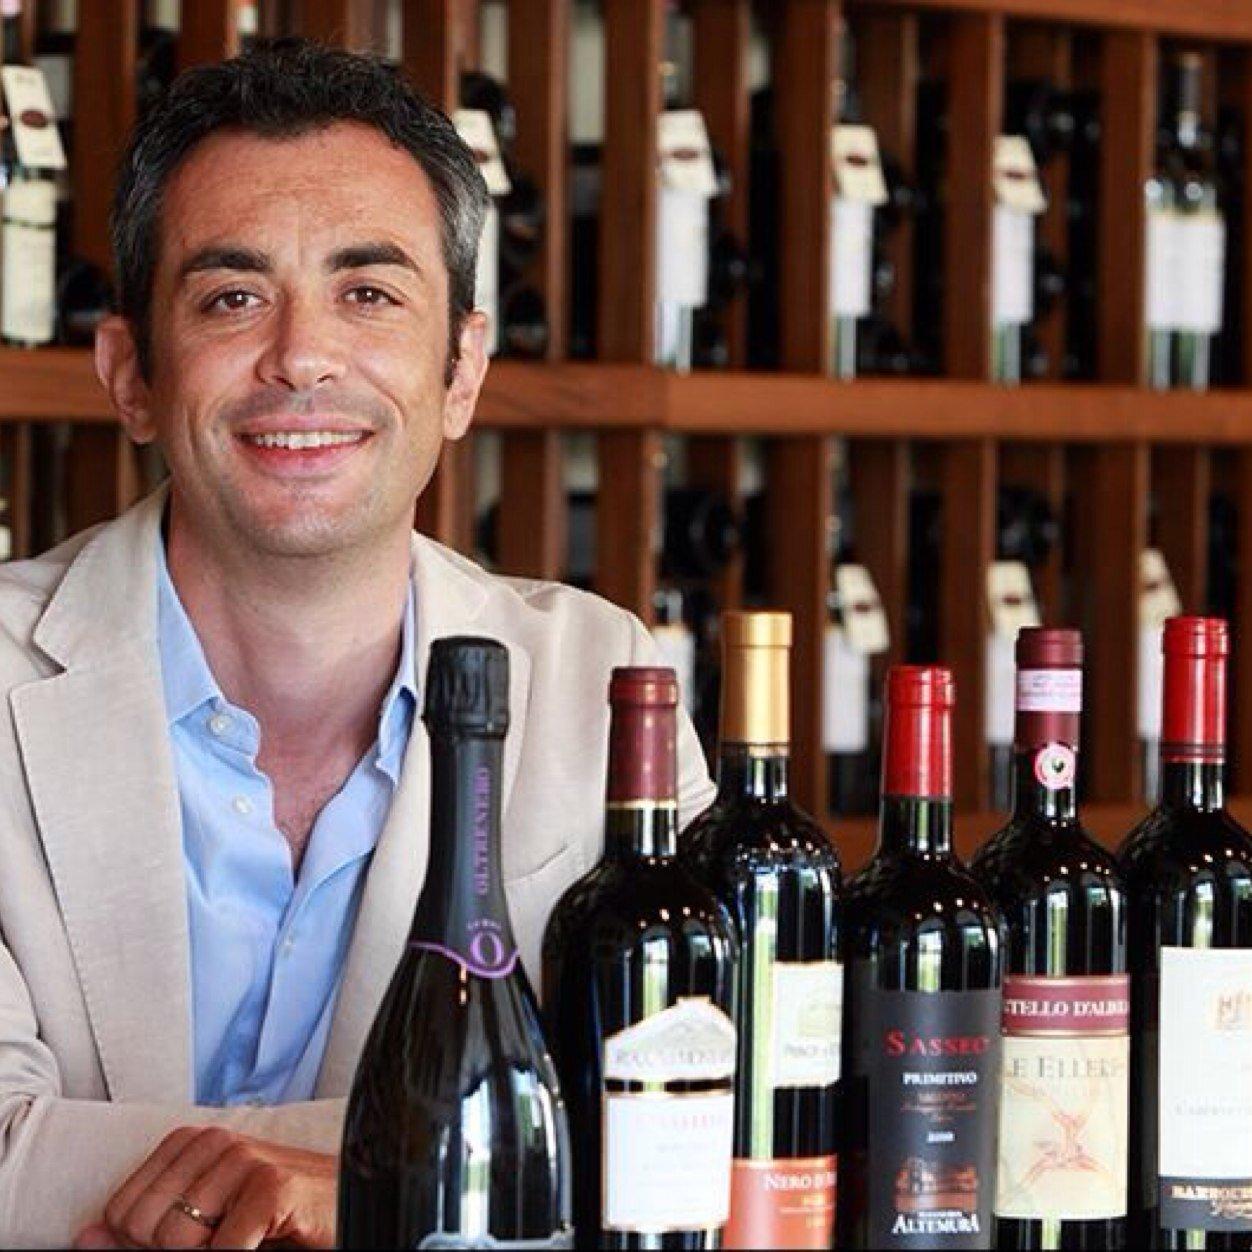 Stefano Ferrante